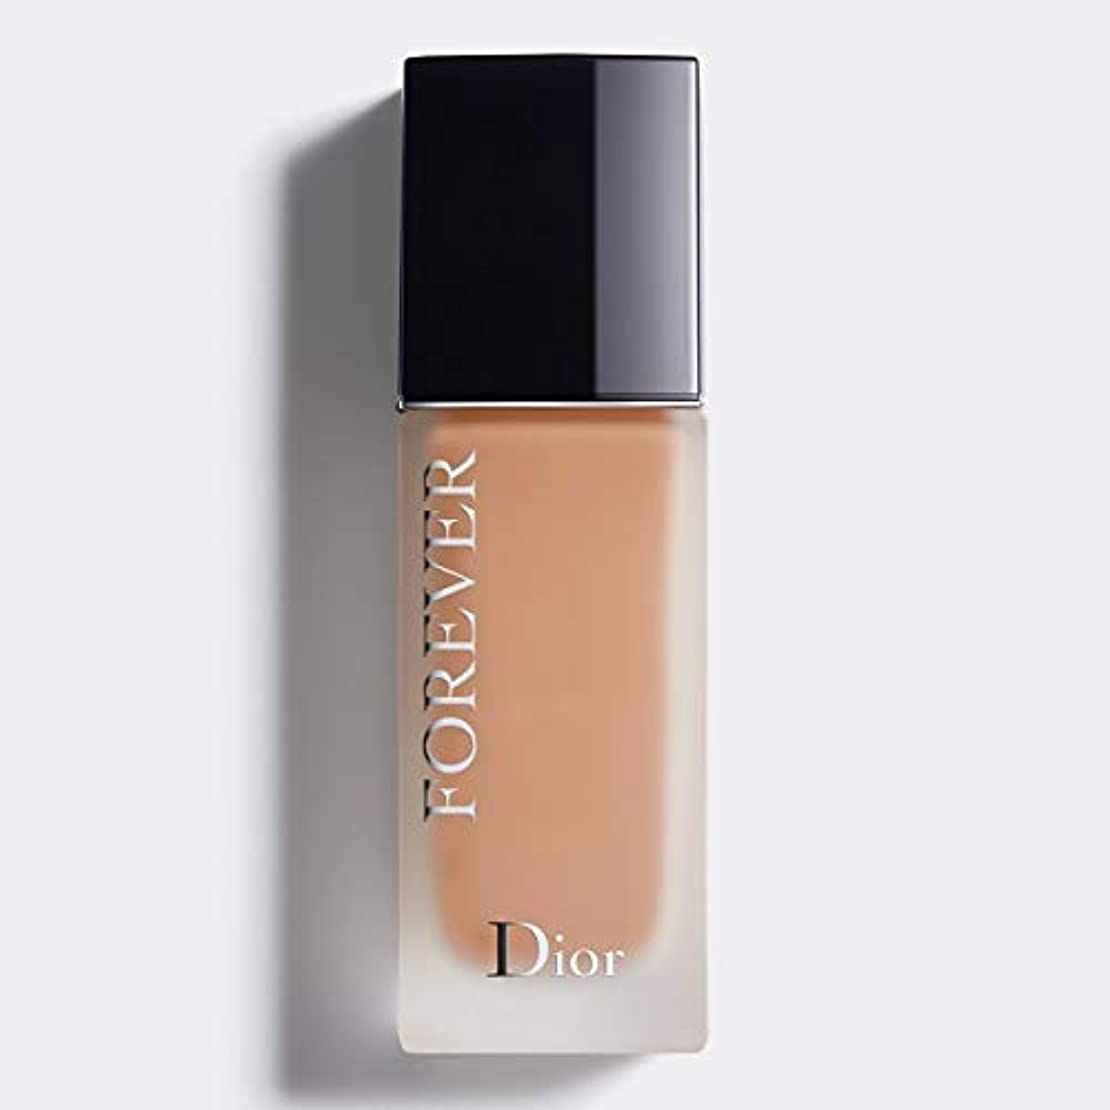 醜い人工的な設置クリスチャンディオール Dior Forever 24H Wear High Perfection Foundation SPF 35 - # 3WP (Warm Peach) 30ml/1oz並行輸入品